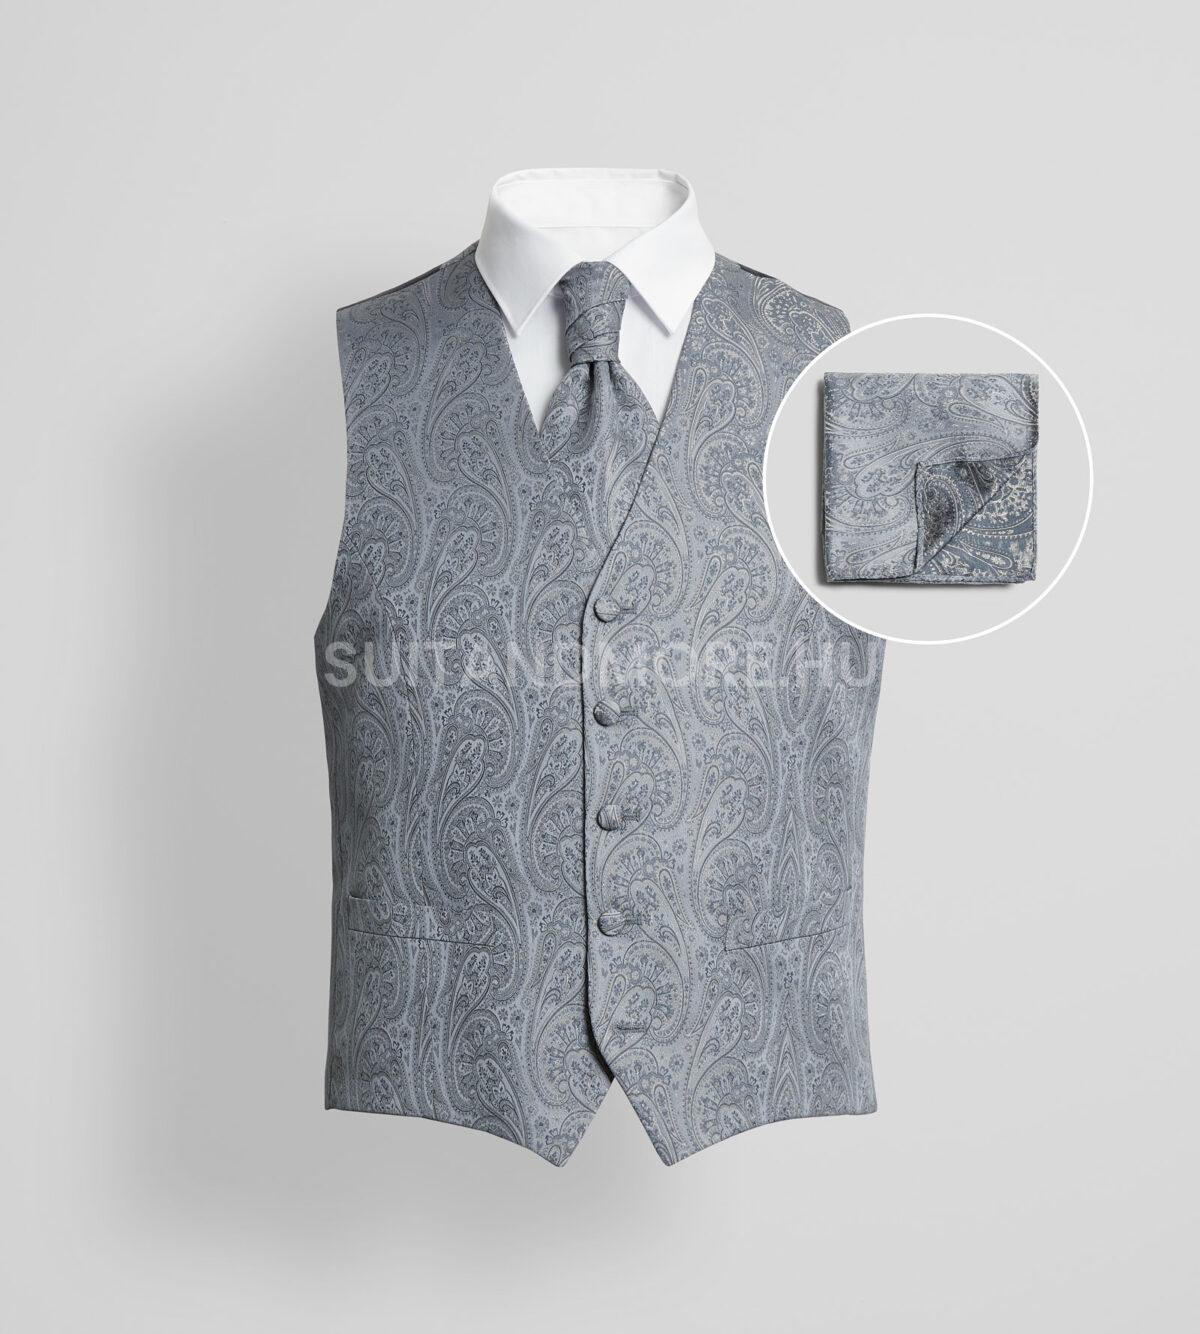 DIGEL-CEREMONY-szürke-modern-fit-paisley-mintás-esküvői-mellény-LAMBERT-1006910-46-01